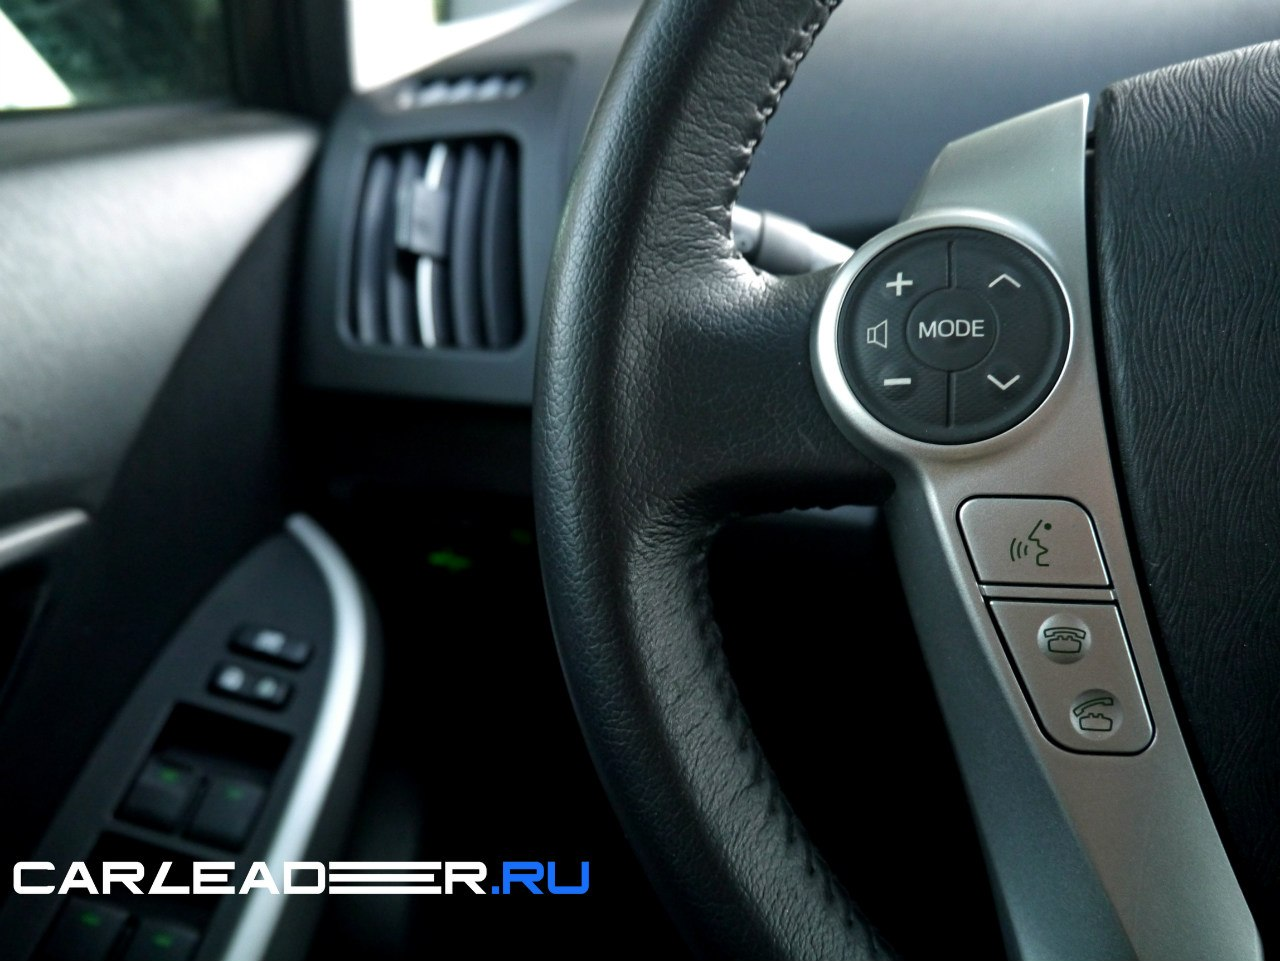 Можно заметить, что кнопки управления аудио-системой Toyota Prius 2014 - самые удобные. Нажимать легко даже не глядя.